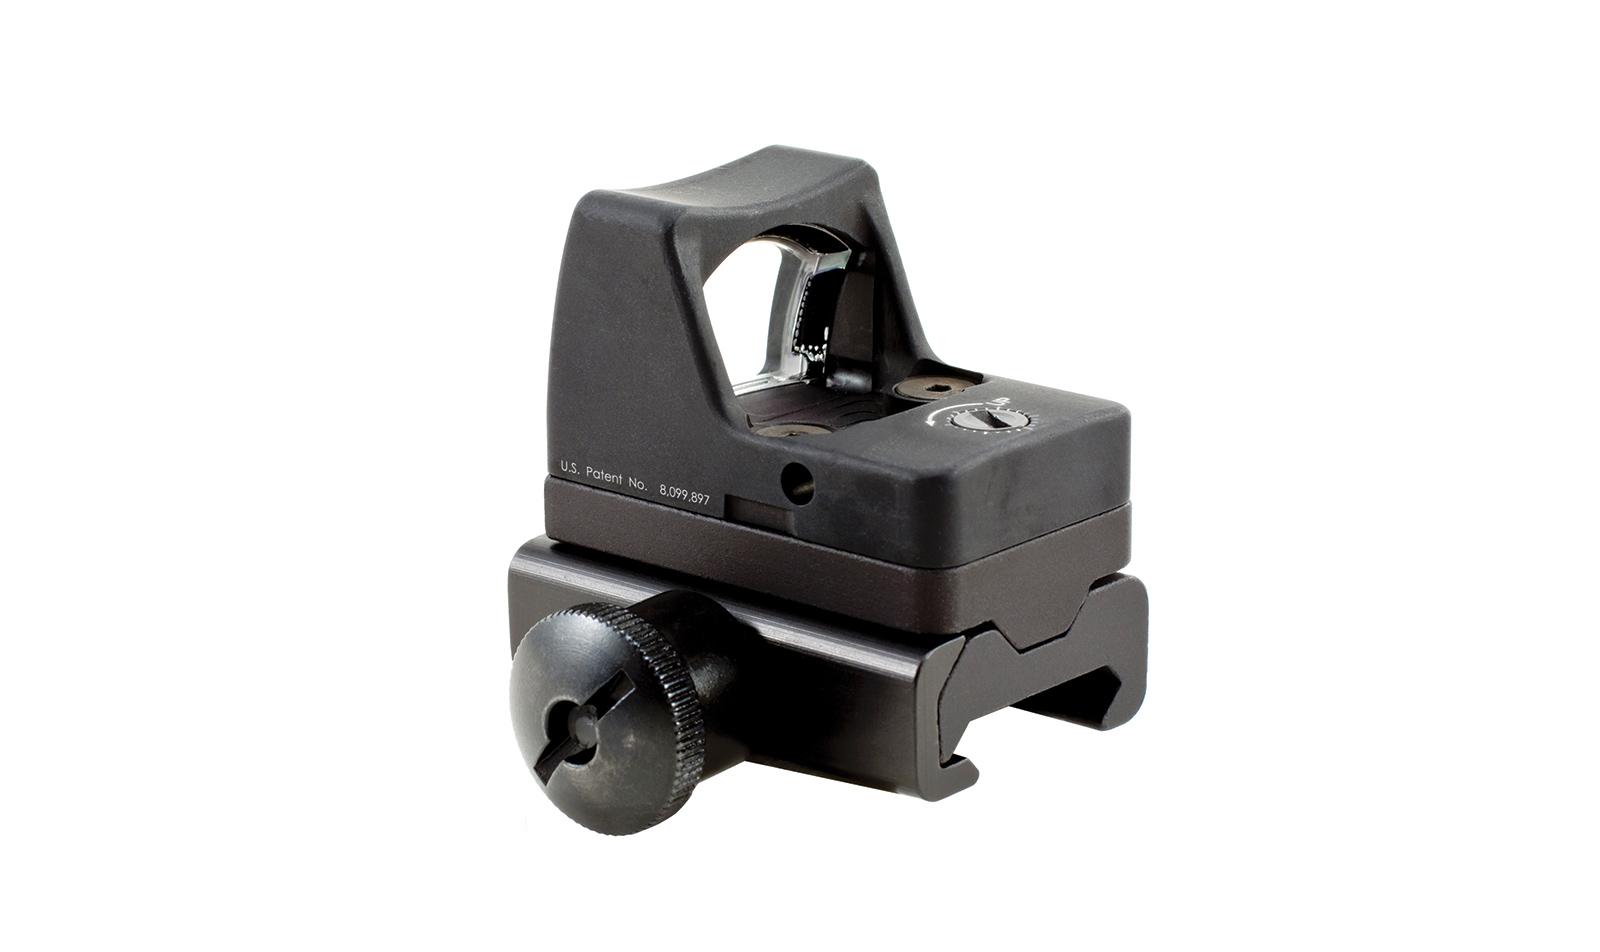 RM01-C-700603 angle 2